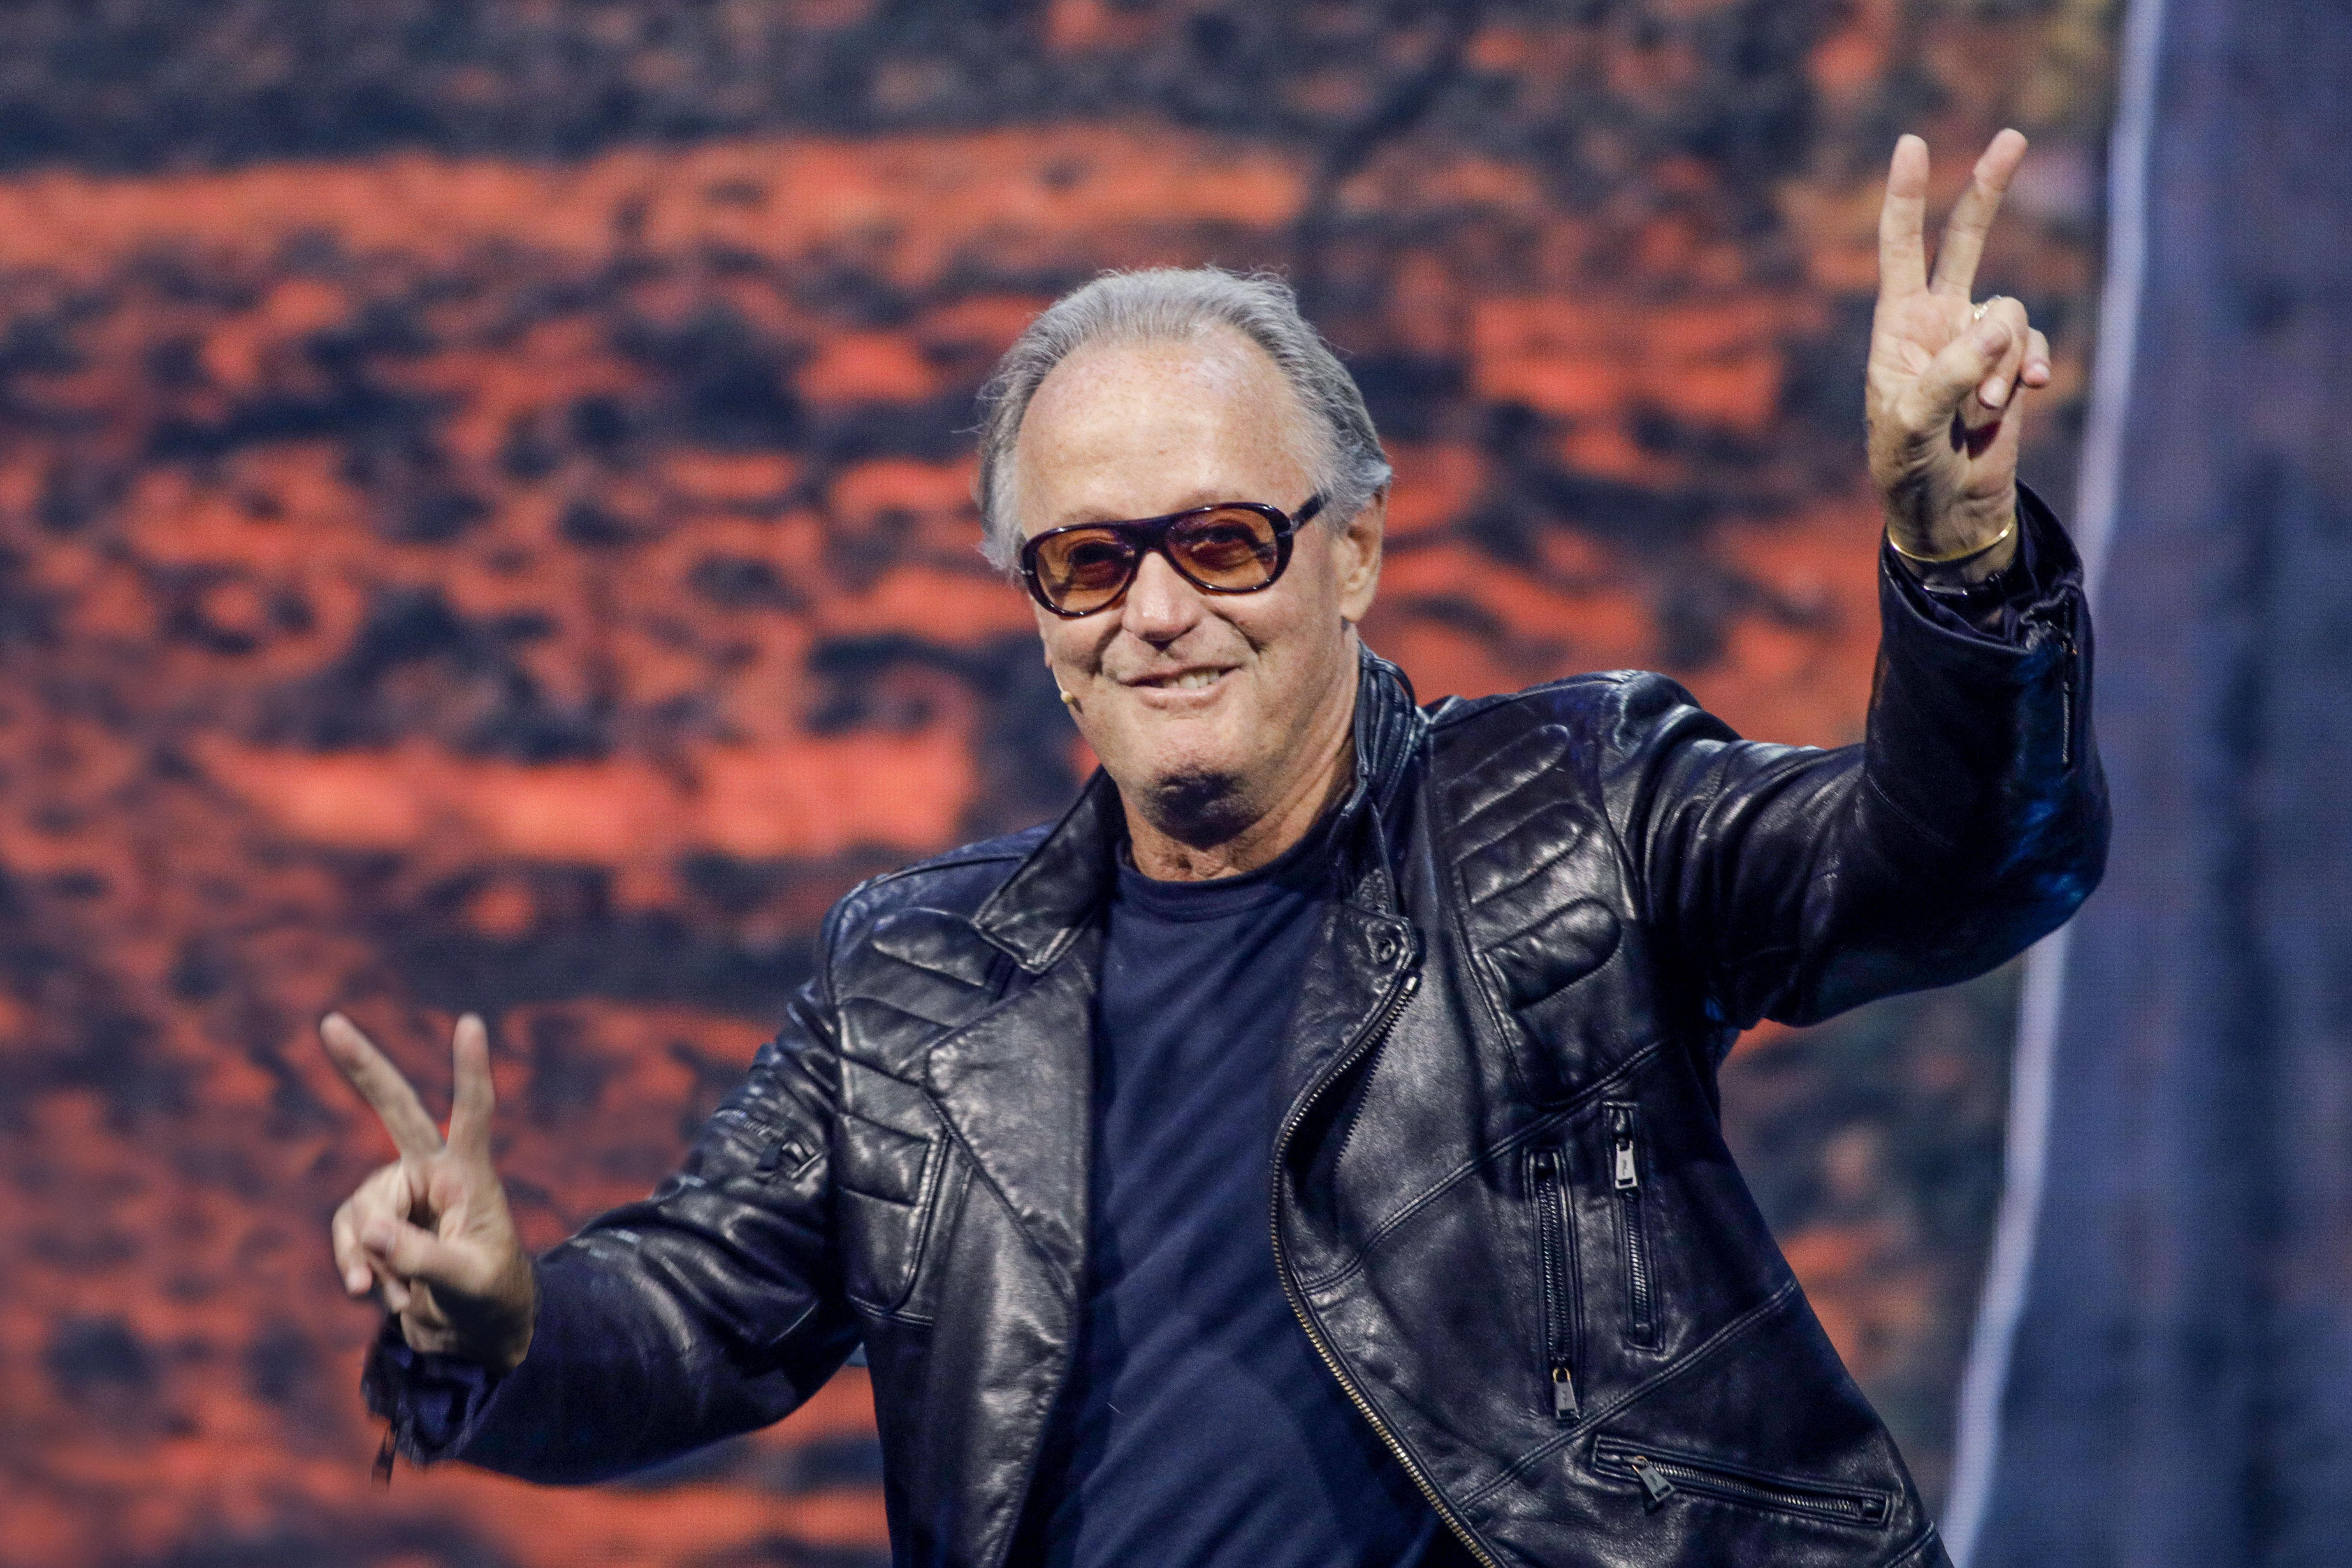 Screen icon Peter Fonda dead at 79